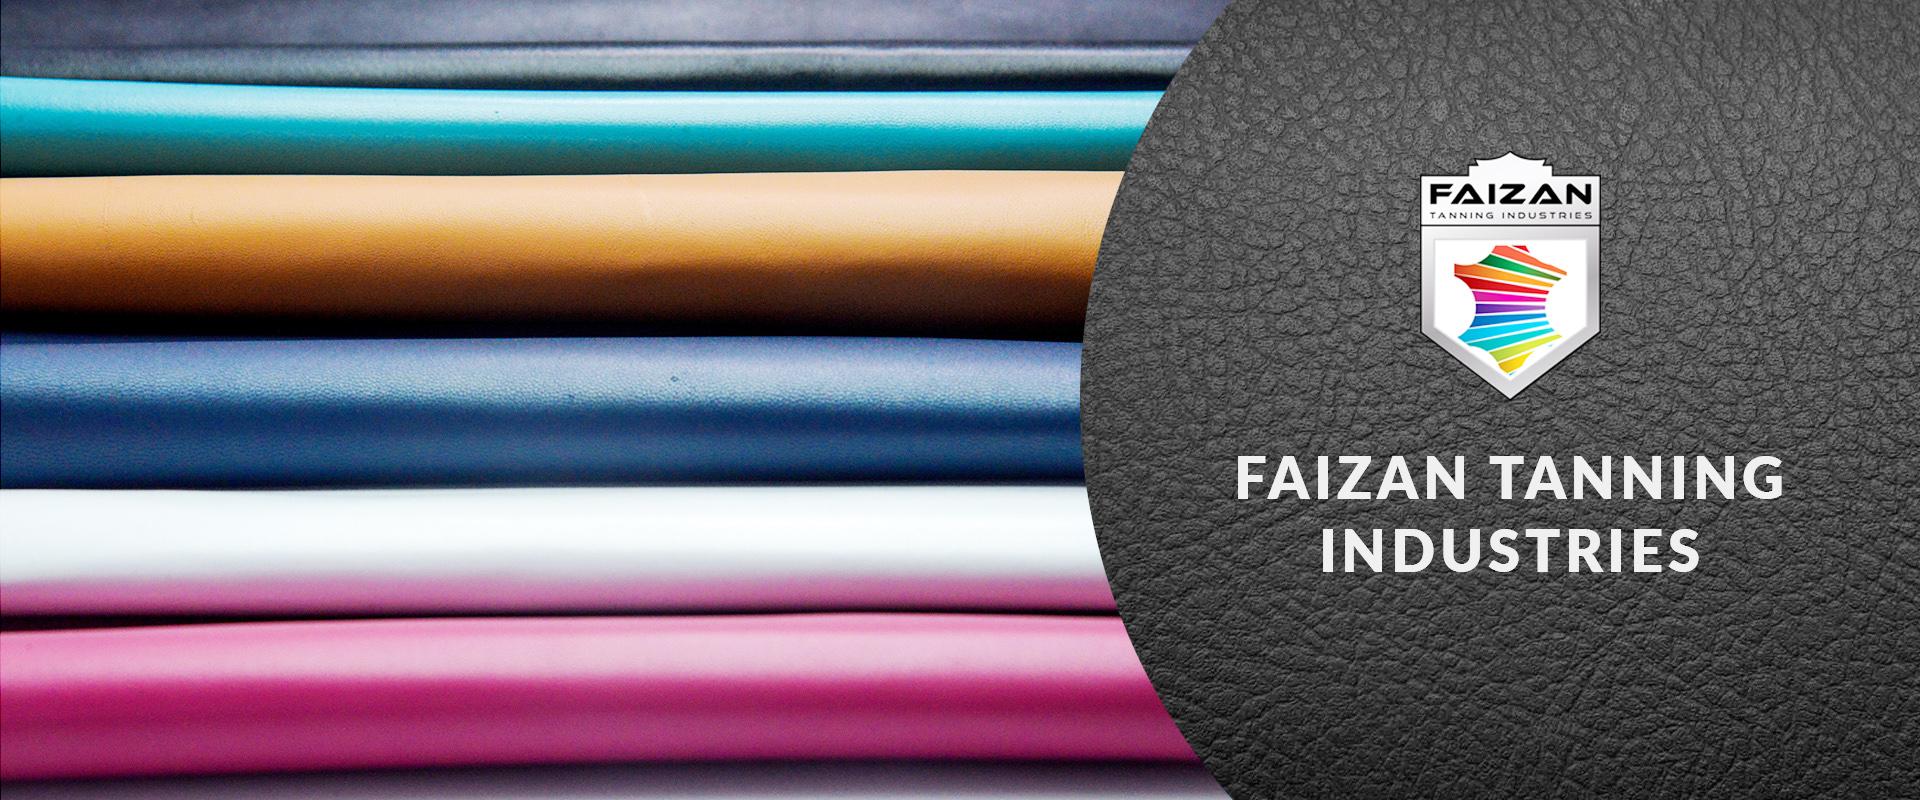 faizan-slide-1-2